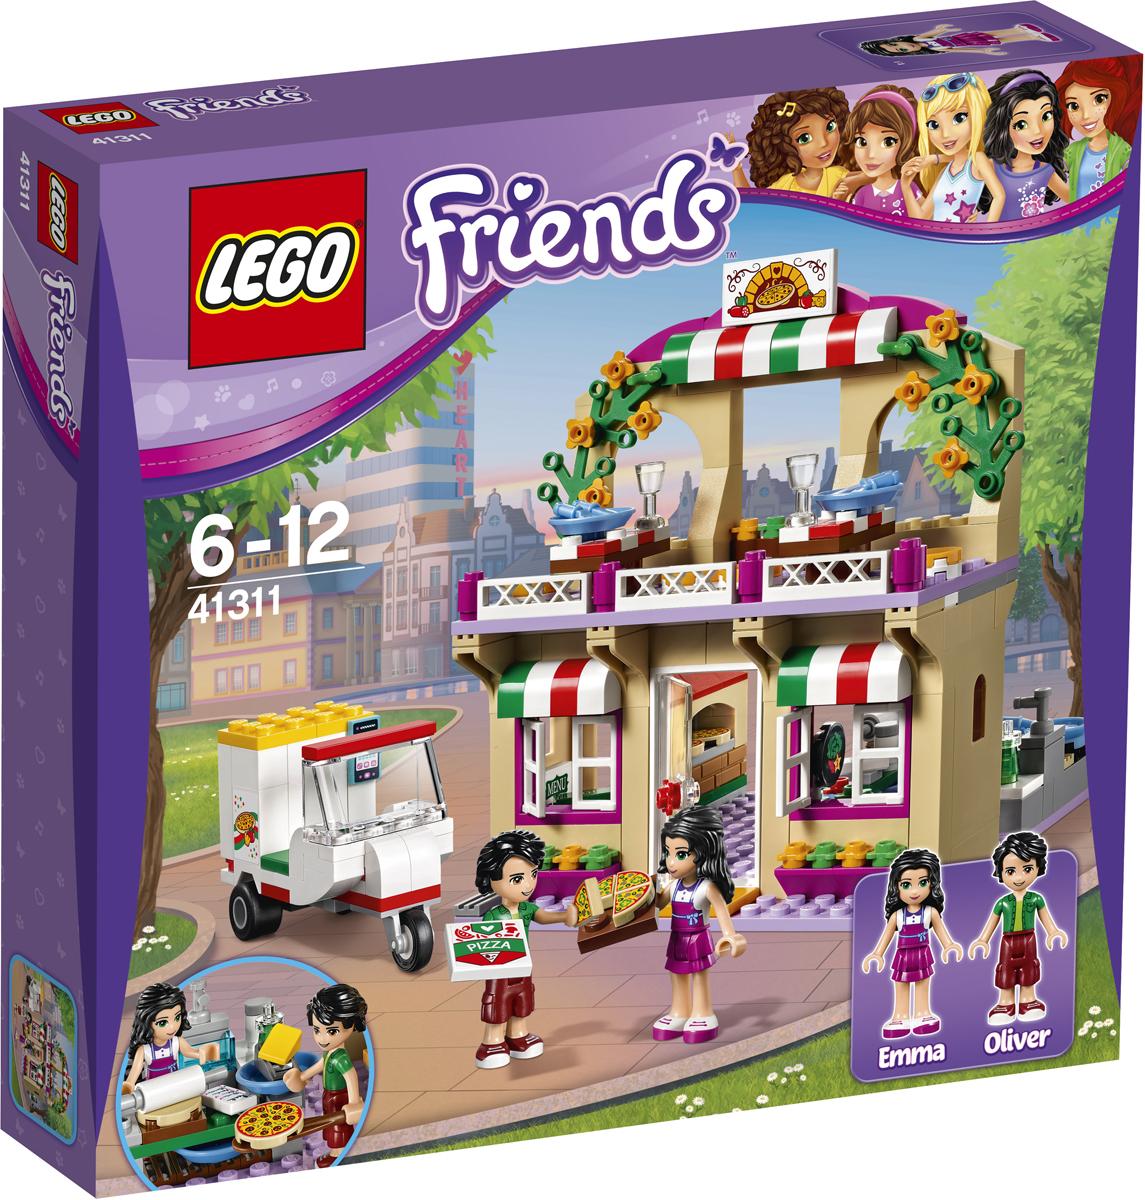 LEGO Friends Конструктор Пиццерия 4131141311Вместе с Эммой и Оливером приготовьте и подайте самую вкусную и свежую пиццу в популярной Пиццерии Хартлейк Сити. Выполни все заказы посетителей, и положи пиццу в духовку на лопатке. Потом отнеси пиццы наверх и подай гостям кафе на романтическом балконе ресторана. У Оливера есть заказы на доставку, поэтому прыгай на скутер и развози пиццу по всему Хартлейк Сити.